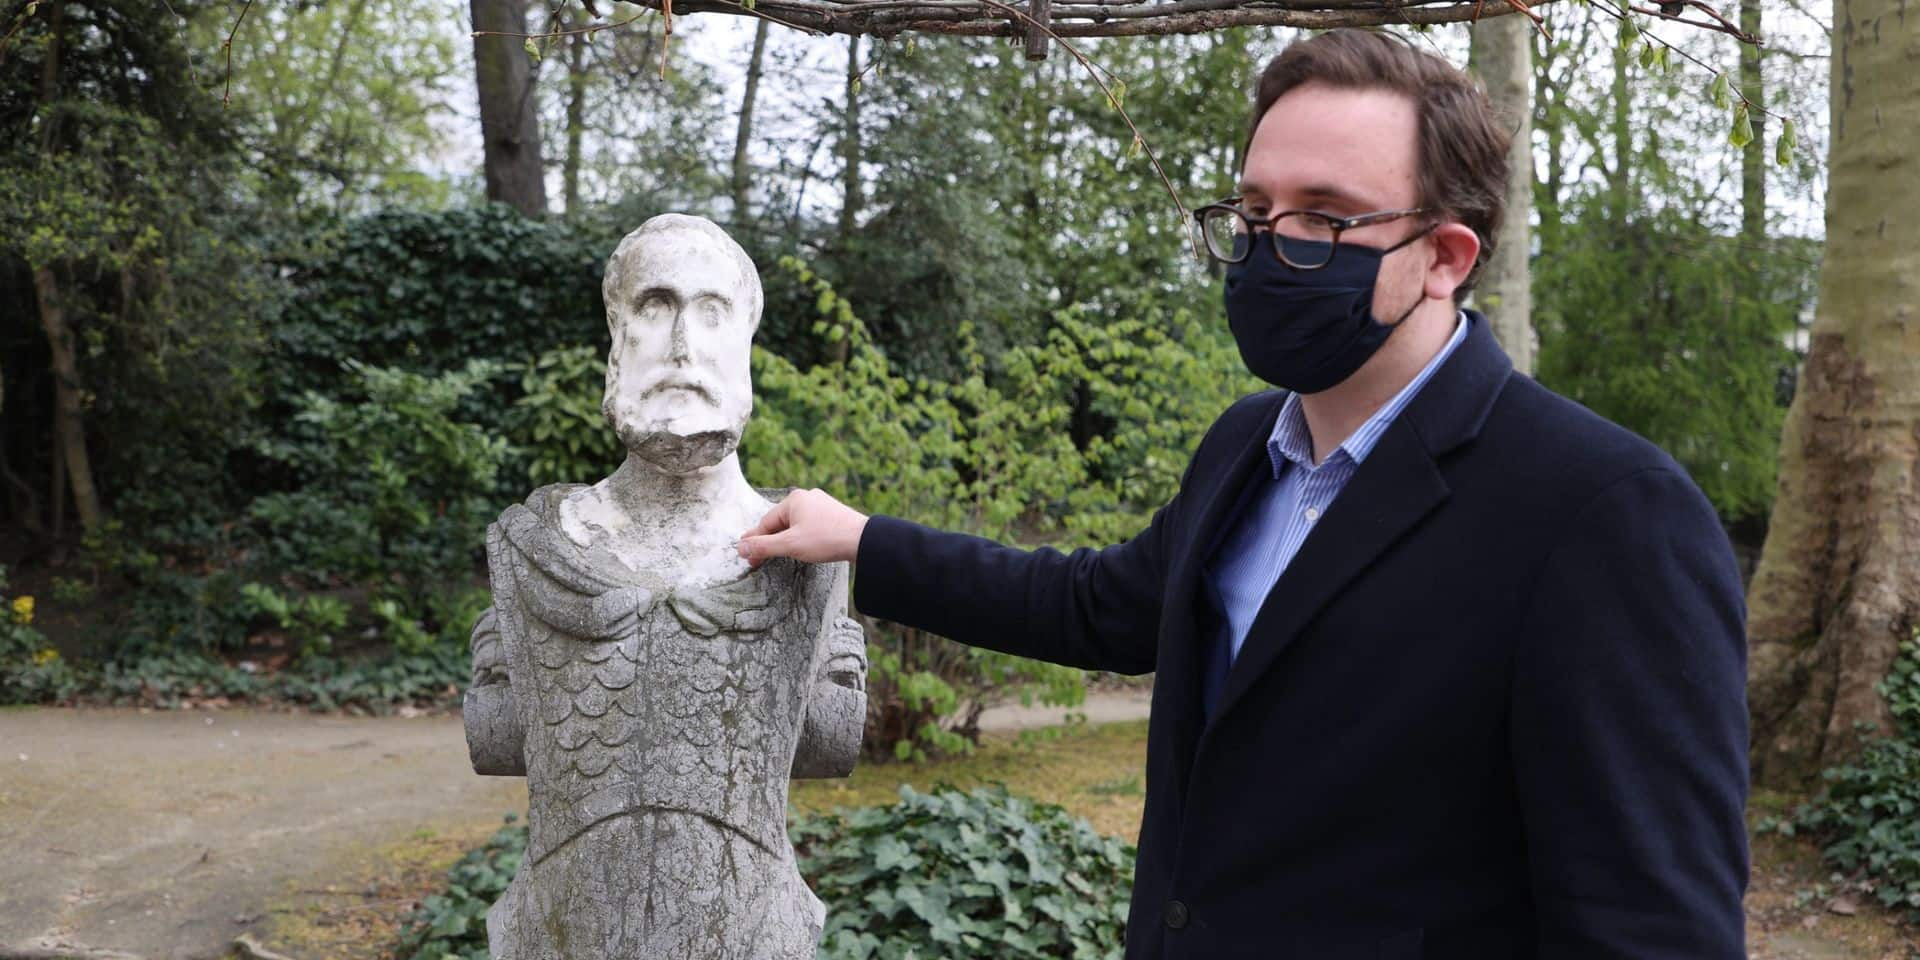 """Parc de Bruxelles : """"Nous devons protéger ce musée à ciel ouvert"""", alerte le députée MR David Weytsman"""